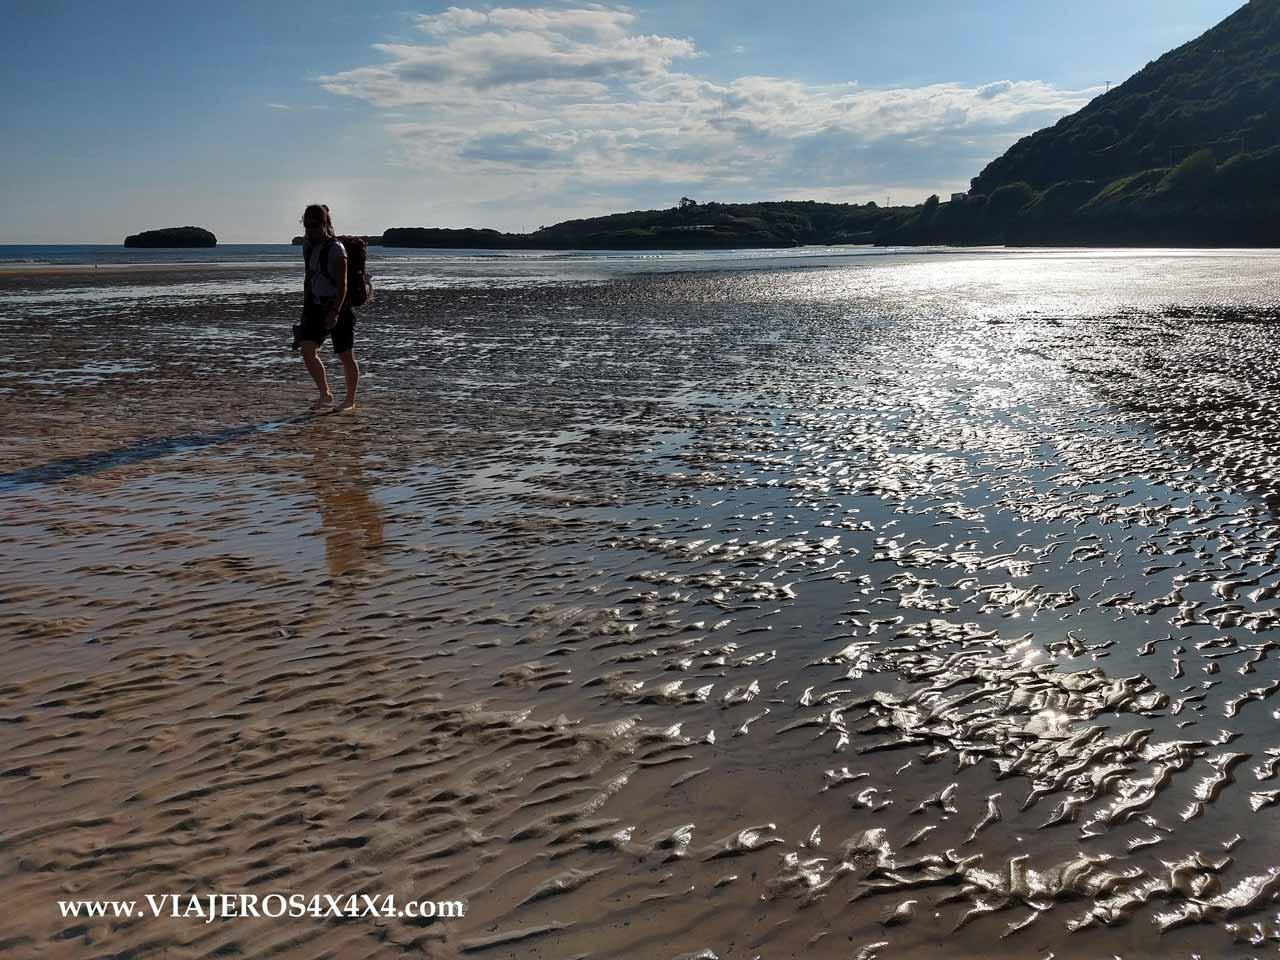 Caminando por la playa en marea baja en una ría del norte de España